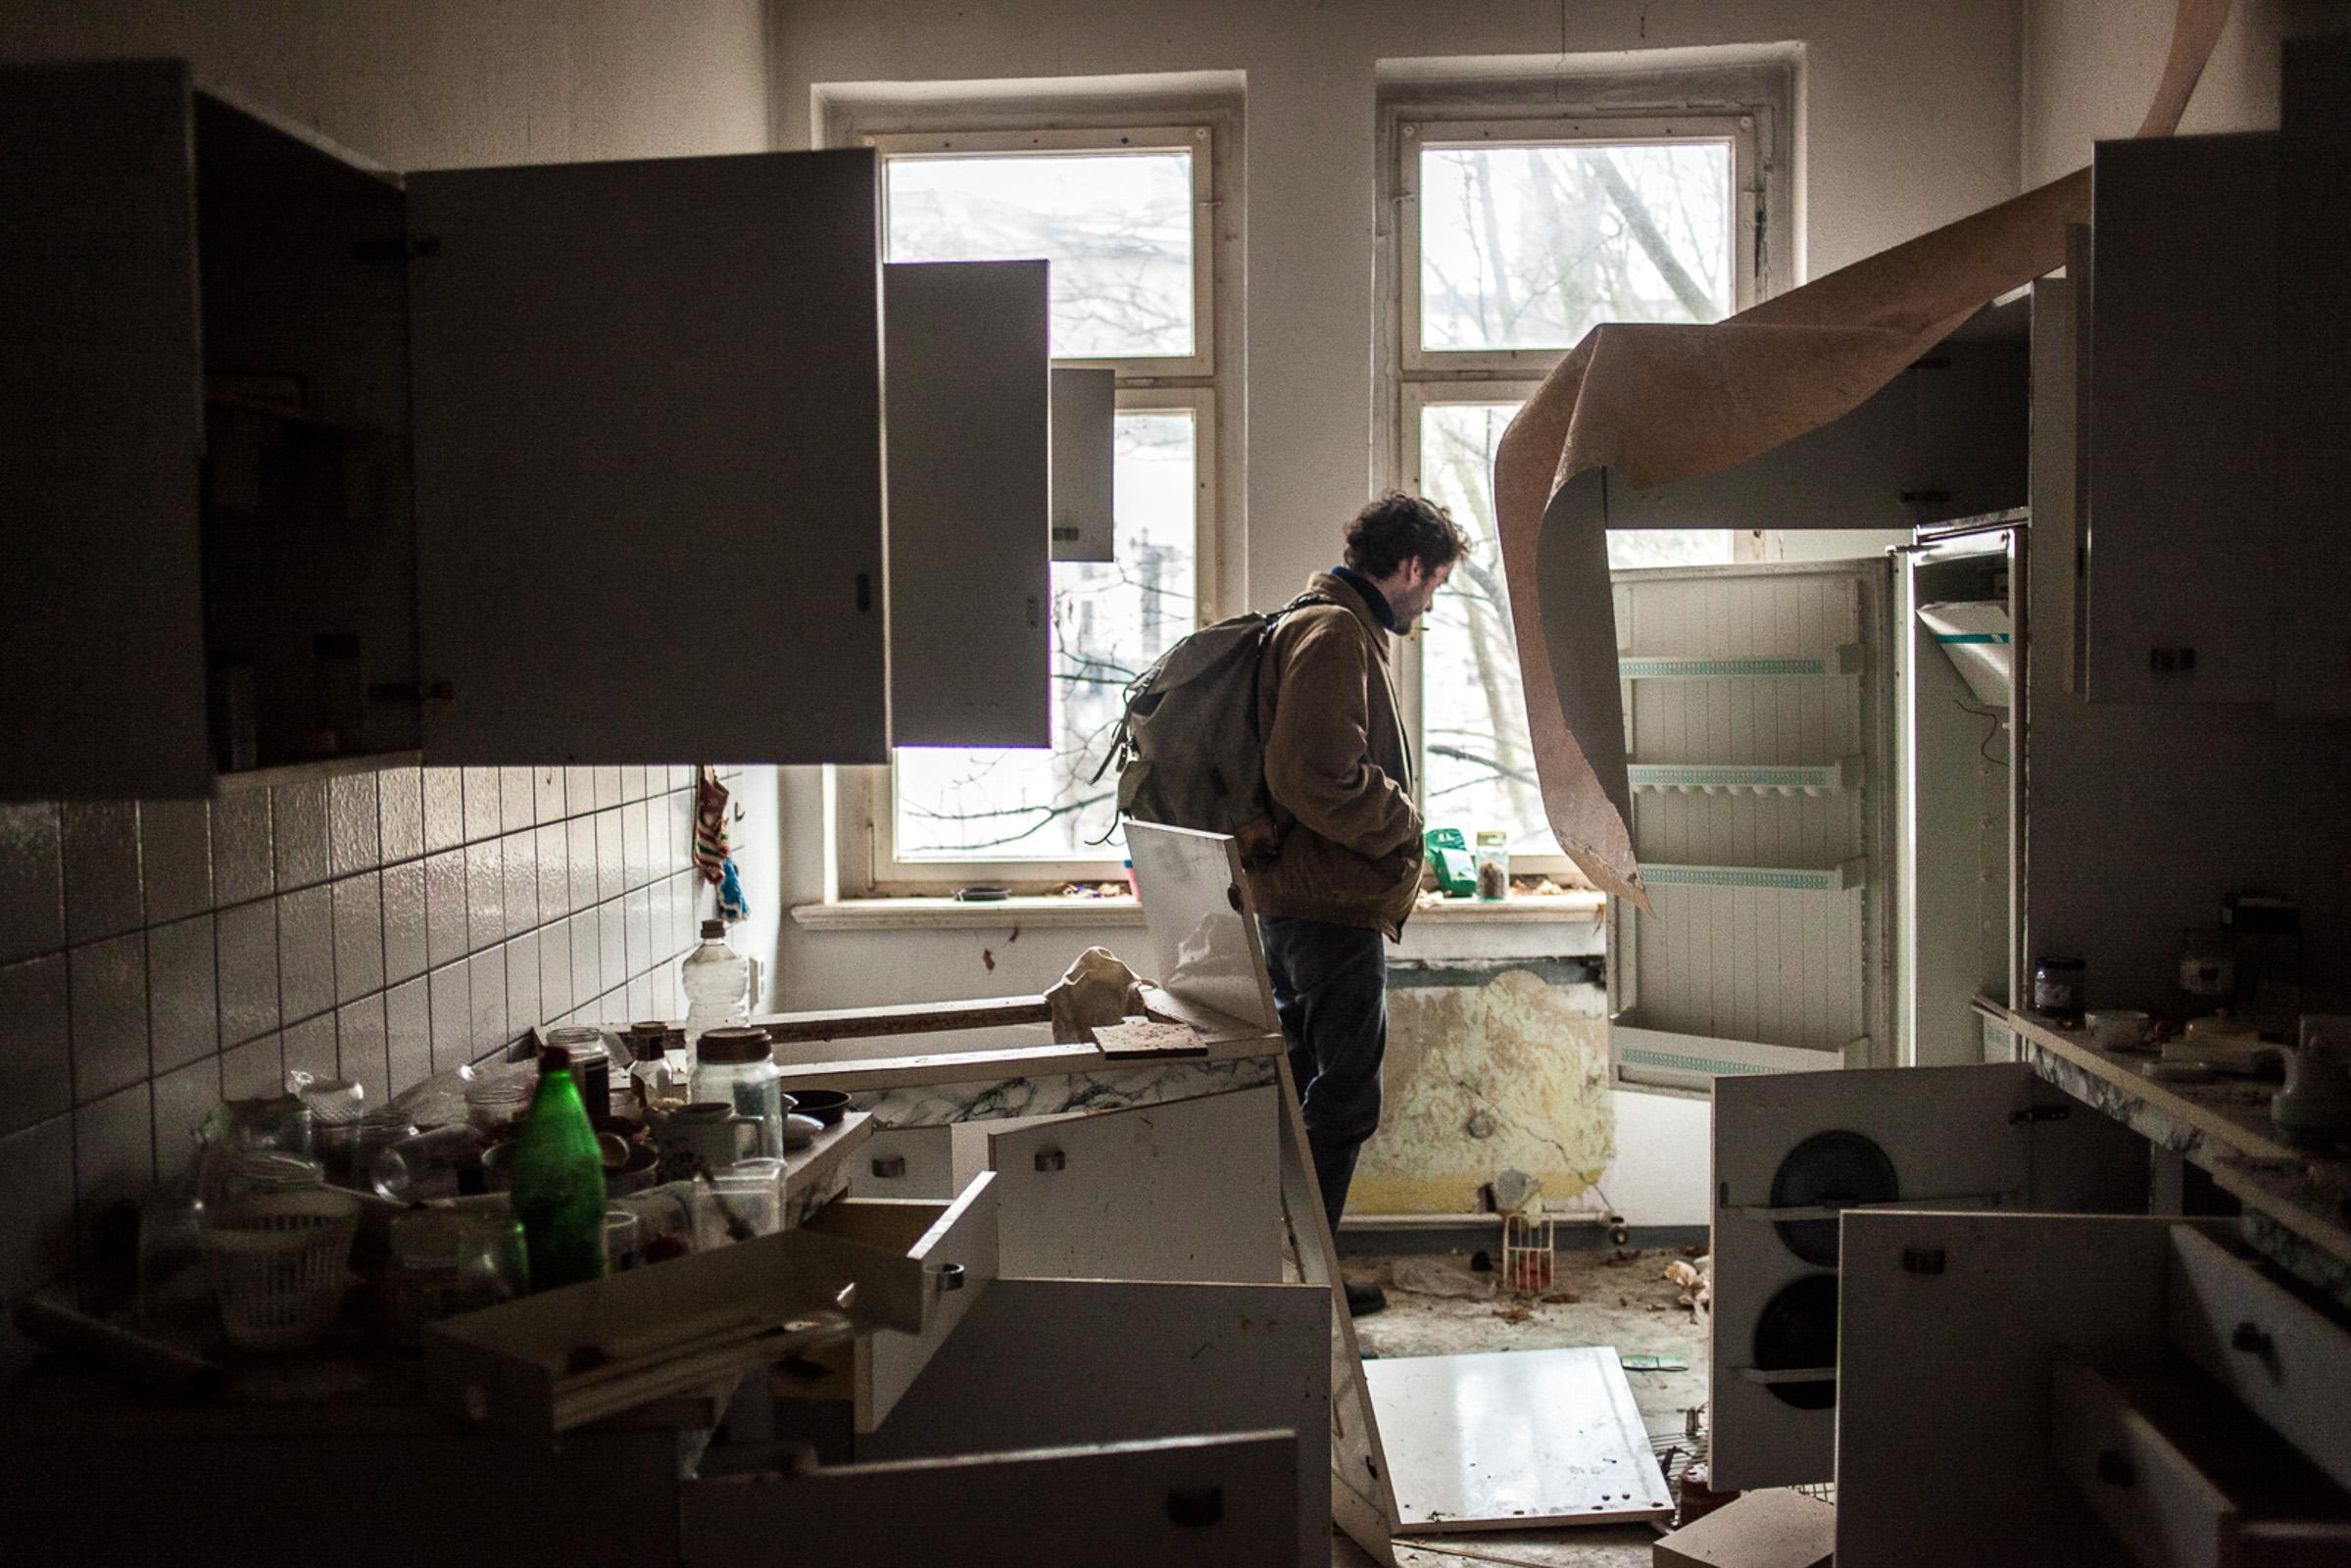 Leipzig, le 6 Mars 2014. De jeunes habitants de Leipzig visitent des immeubles abandonnés et évaluent la possibilité d'en faire des maisons communautaires.  Leipzig, March 6, 2014. Young people of Leipzig visit abandoned buildings and evaluate the possibility of making community houses.